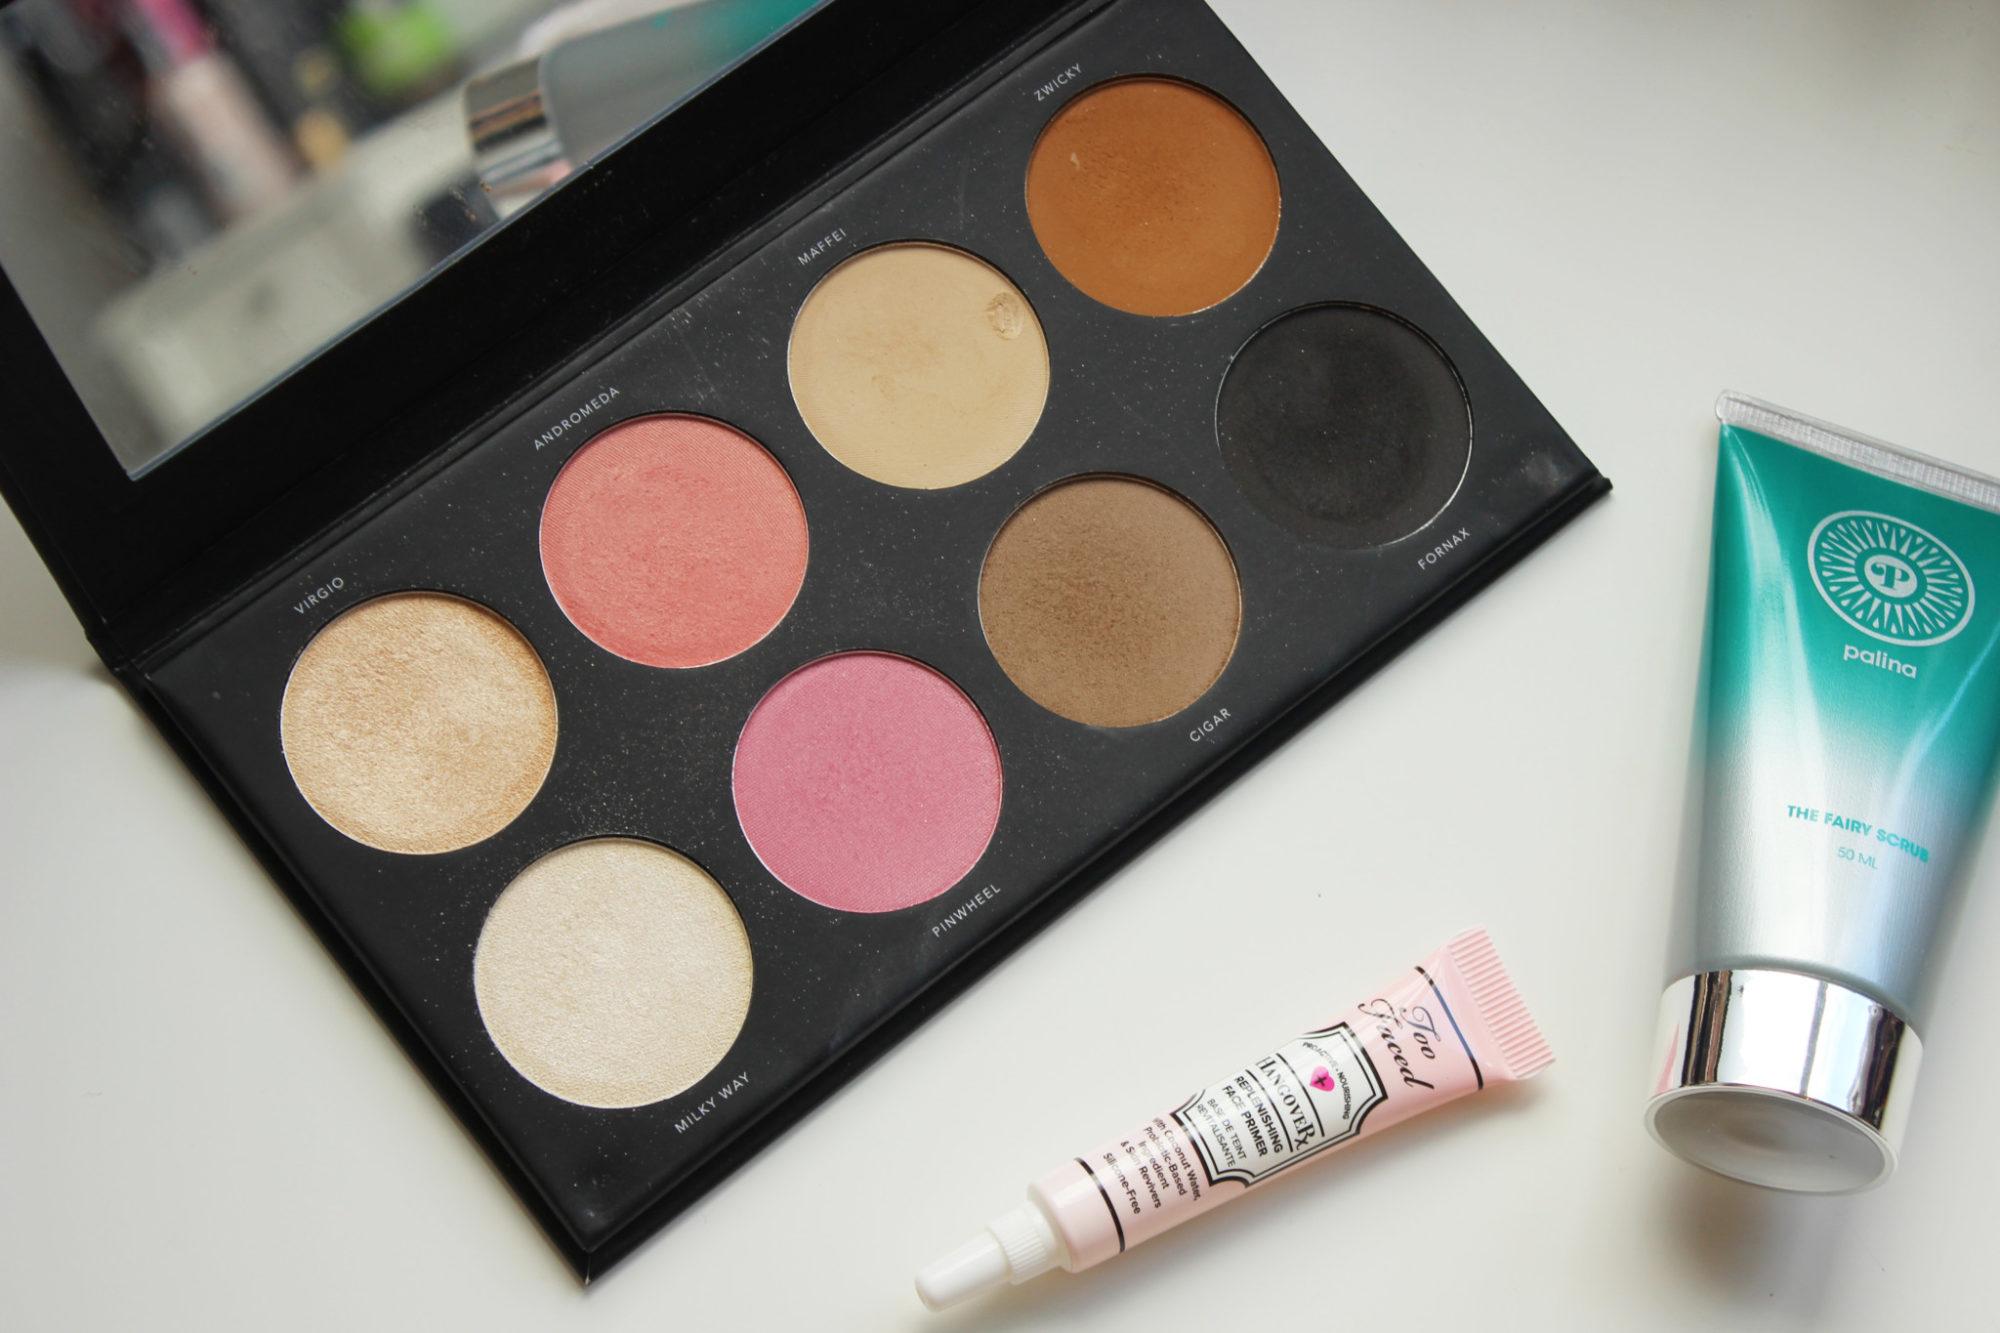 Veckans topp 3 med LH Cosmetics, Too Faced och Palina